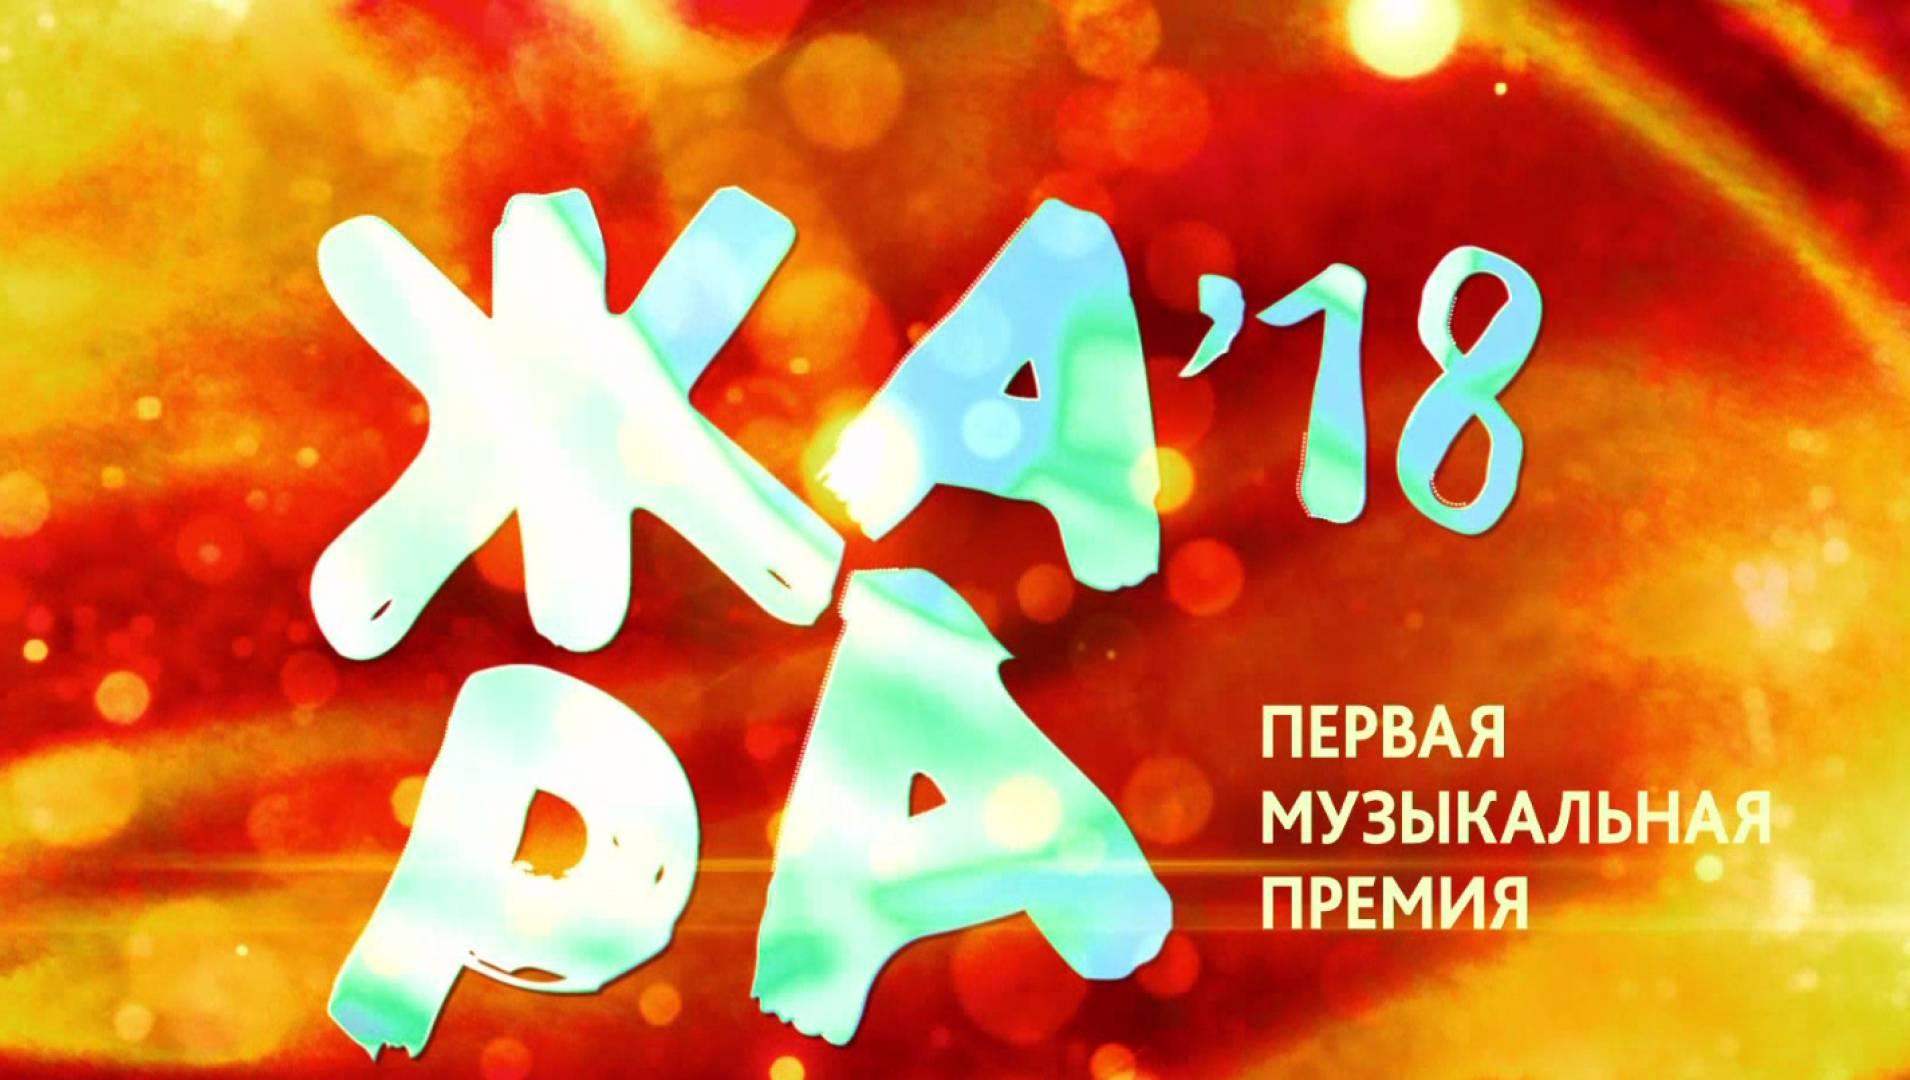 """Музыкальная премия """"ЖАРА"""" - Программа"""